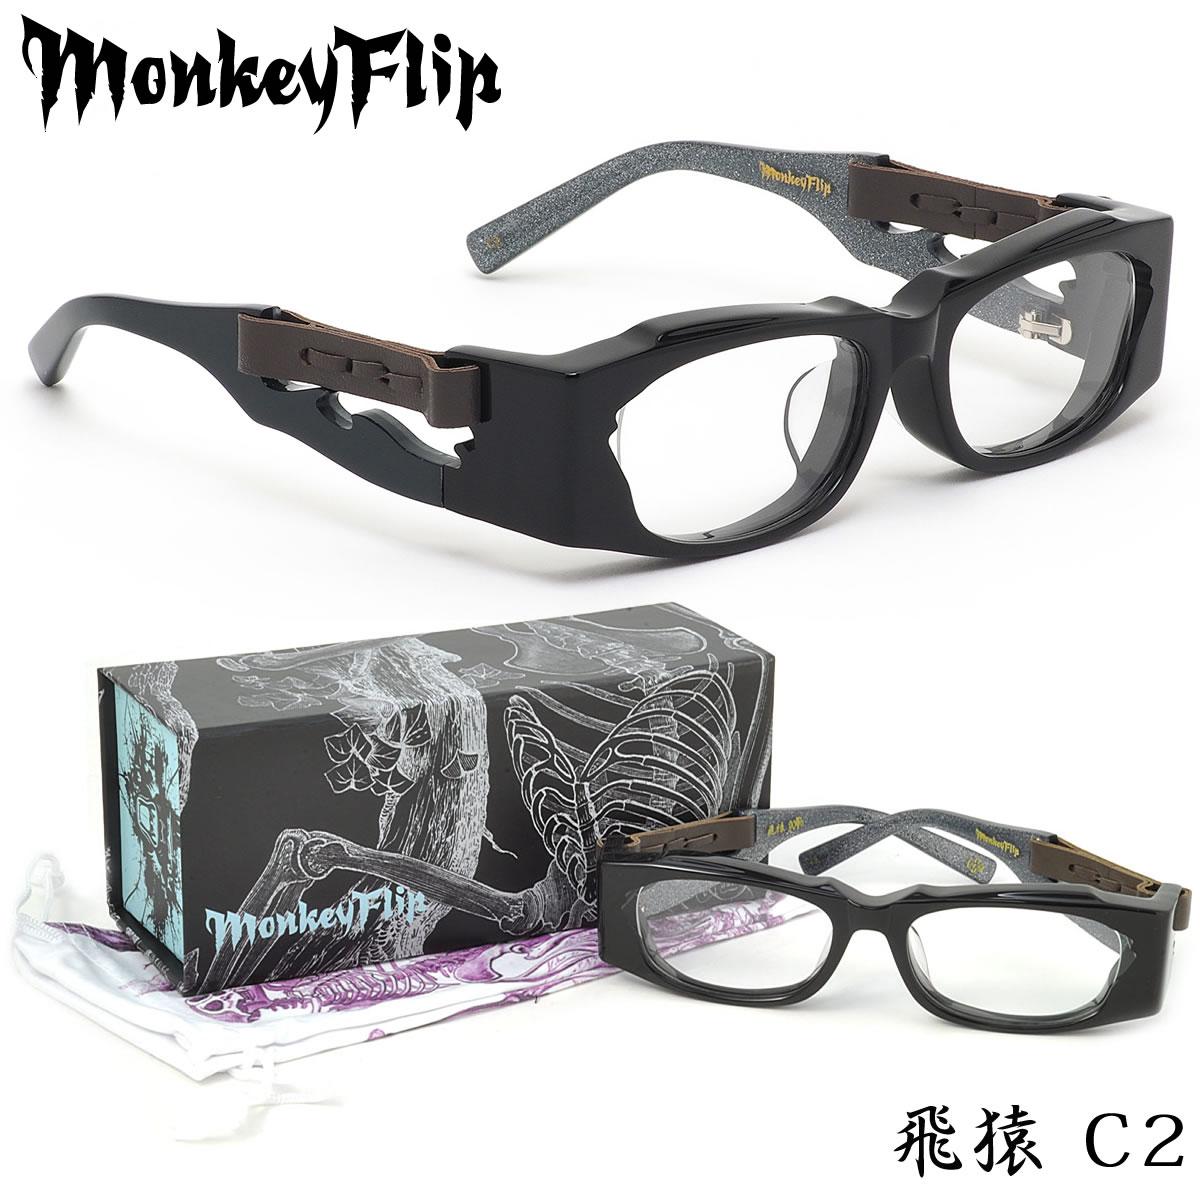 【10月30日からエントリーで全品ポイント20倍】【モンキーフリップ】 (Monkey Flip) メガネ飛猿 C2 53サイズヒエン ひえん THE END OF THE WORLDMonkeyFlip メンズ レディース